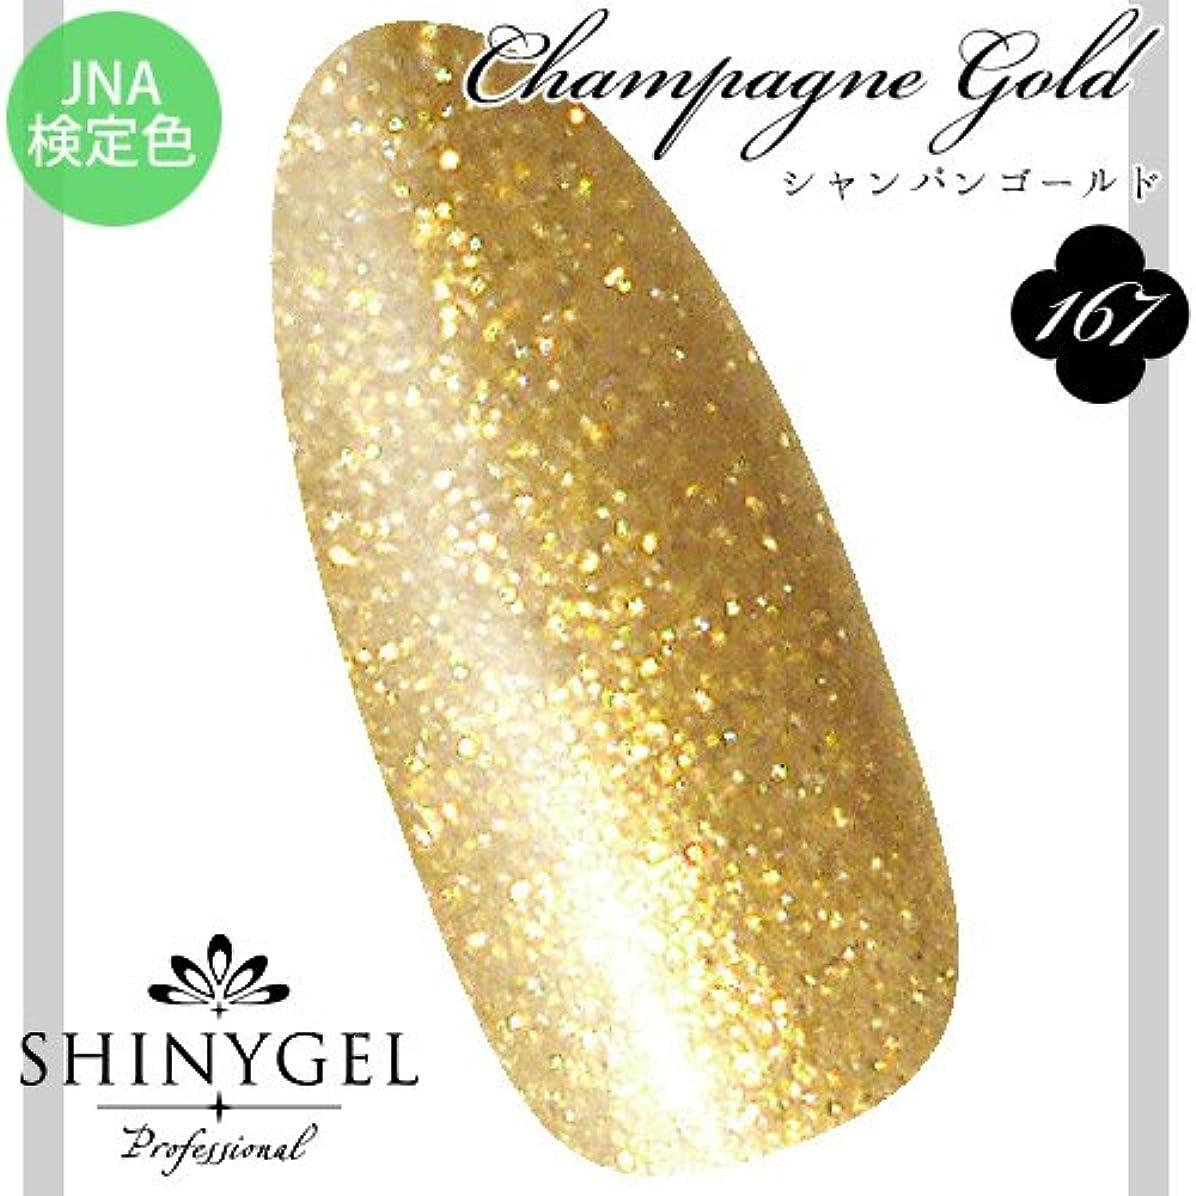 変形する不条理ギャングSHINY GEL カラージェル 167 4g シャンパンゴールド JNA検定色